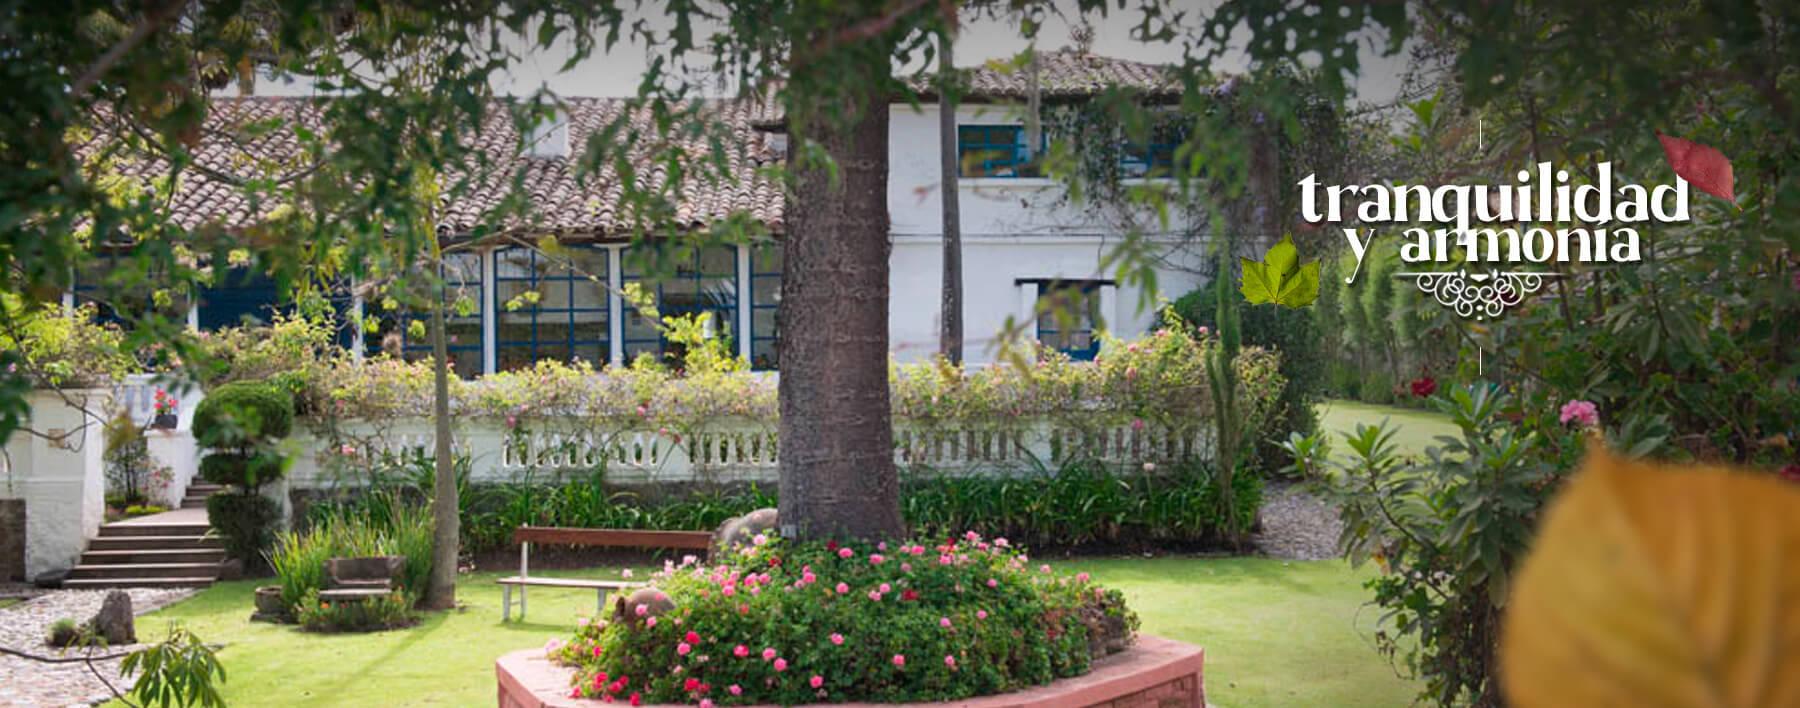 hotel-boutique-casa-de-hacienda-su-merced-eventos-sociales